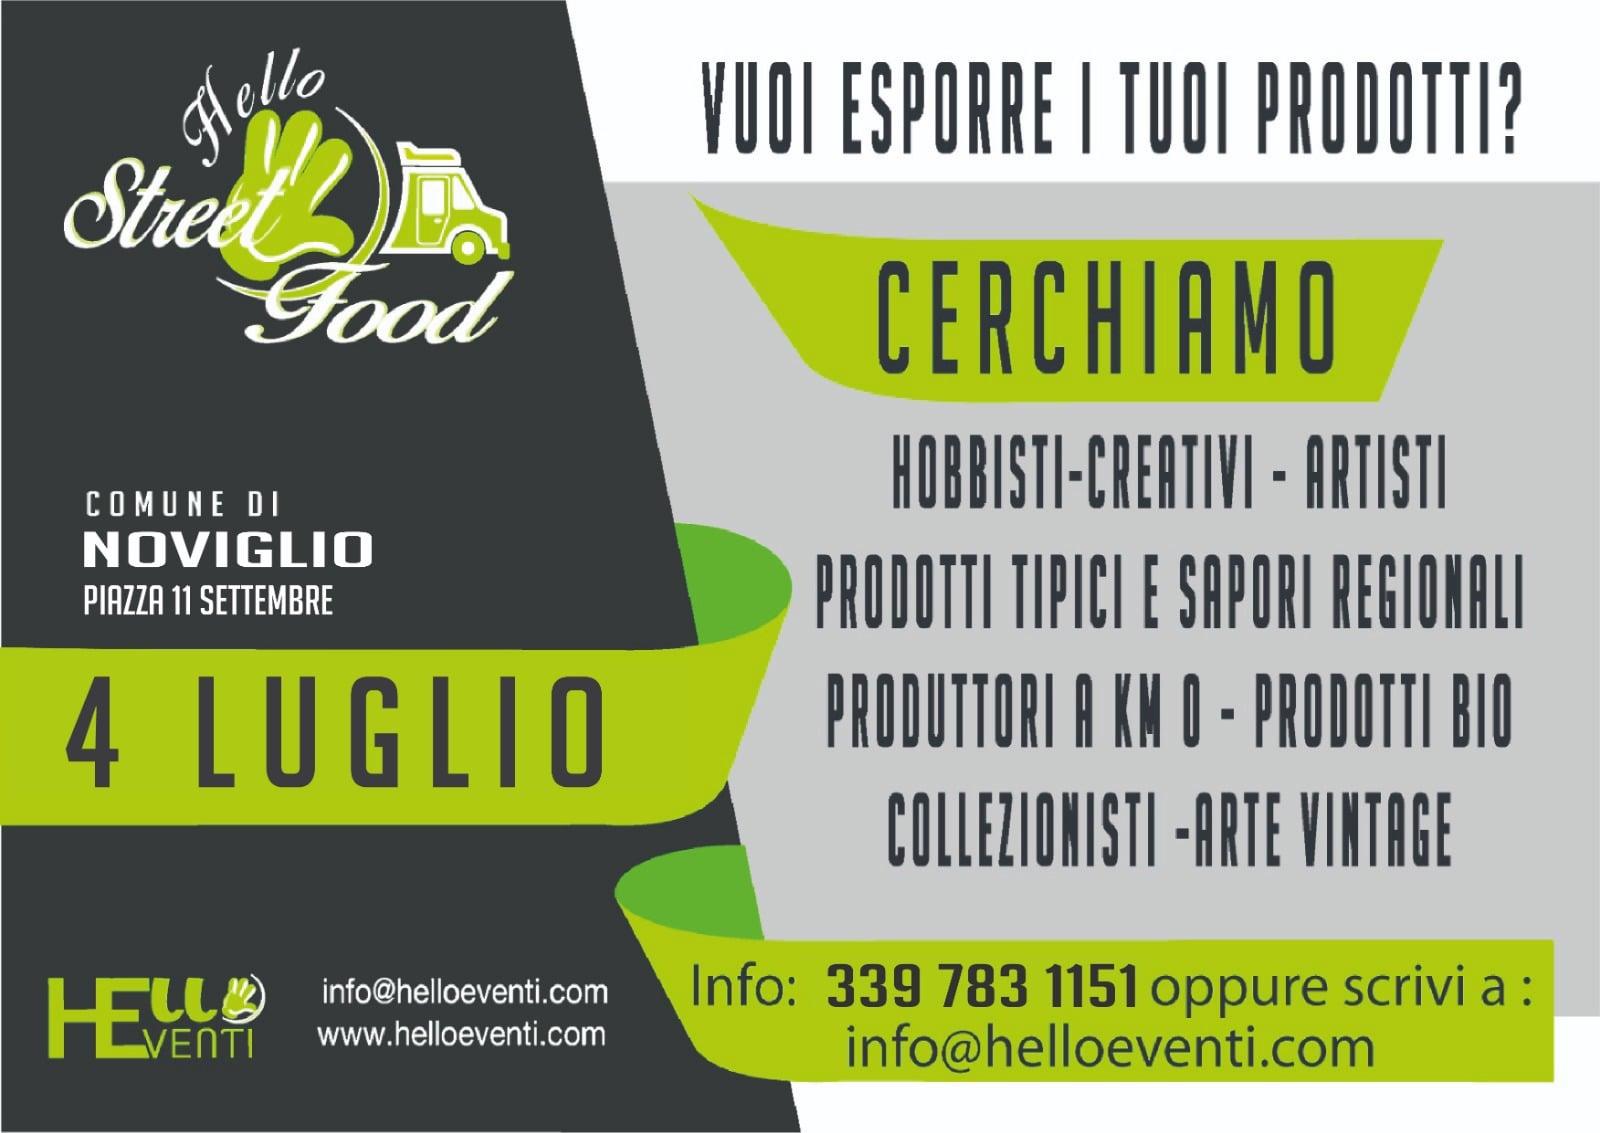 NOVIGLIO (MI): Hello Street Food 2021